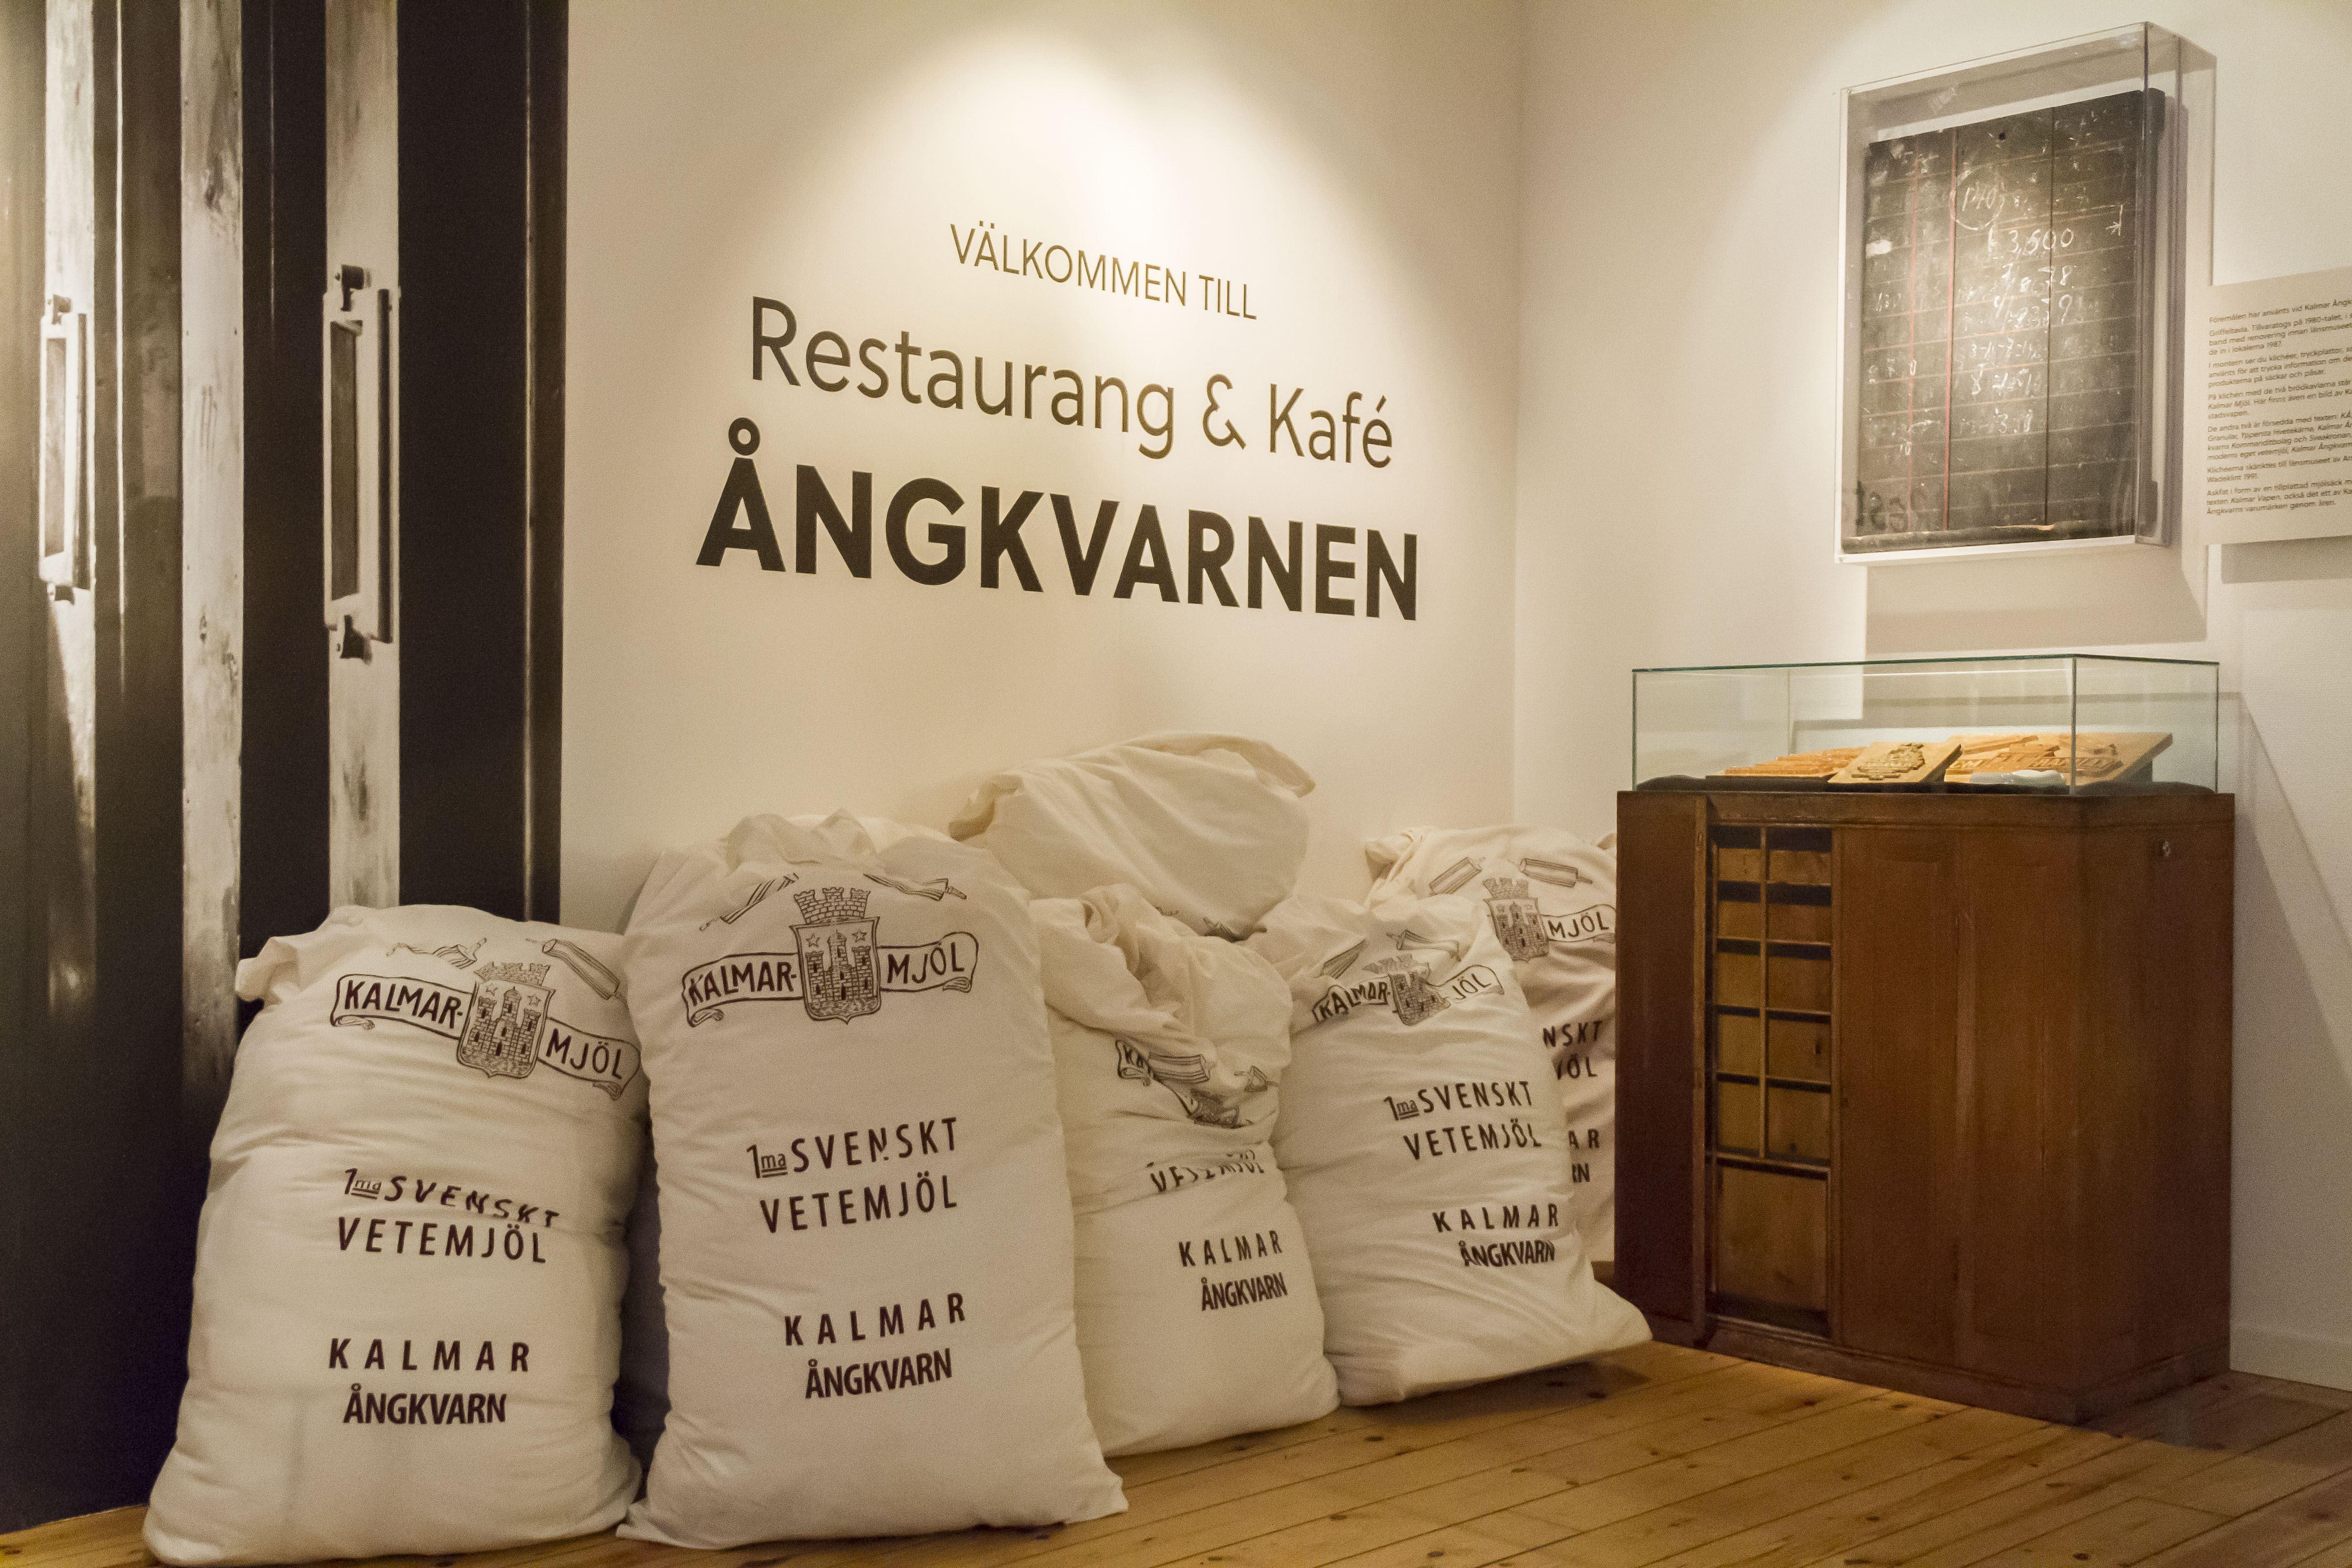 Kafé Ångkvarnen